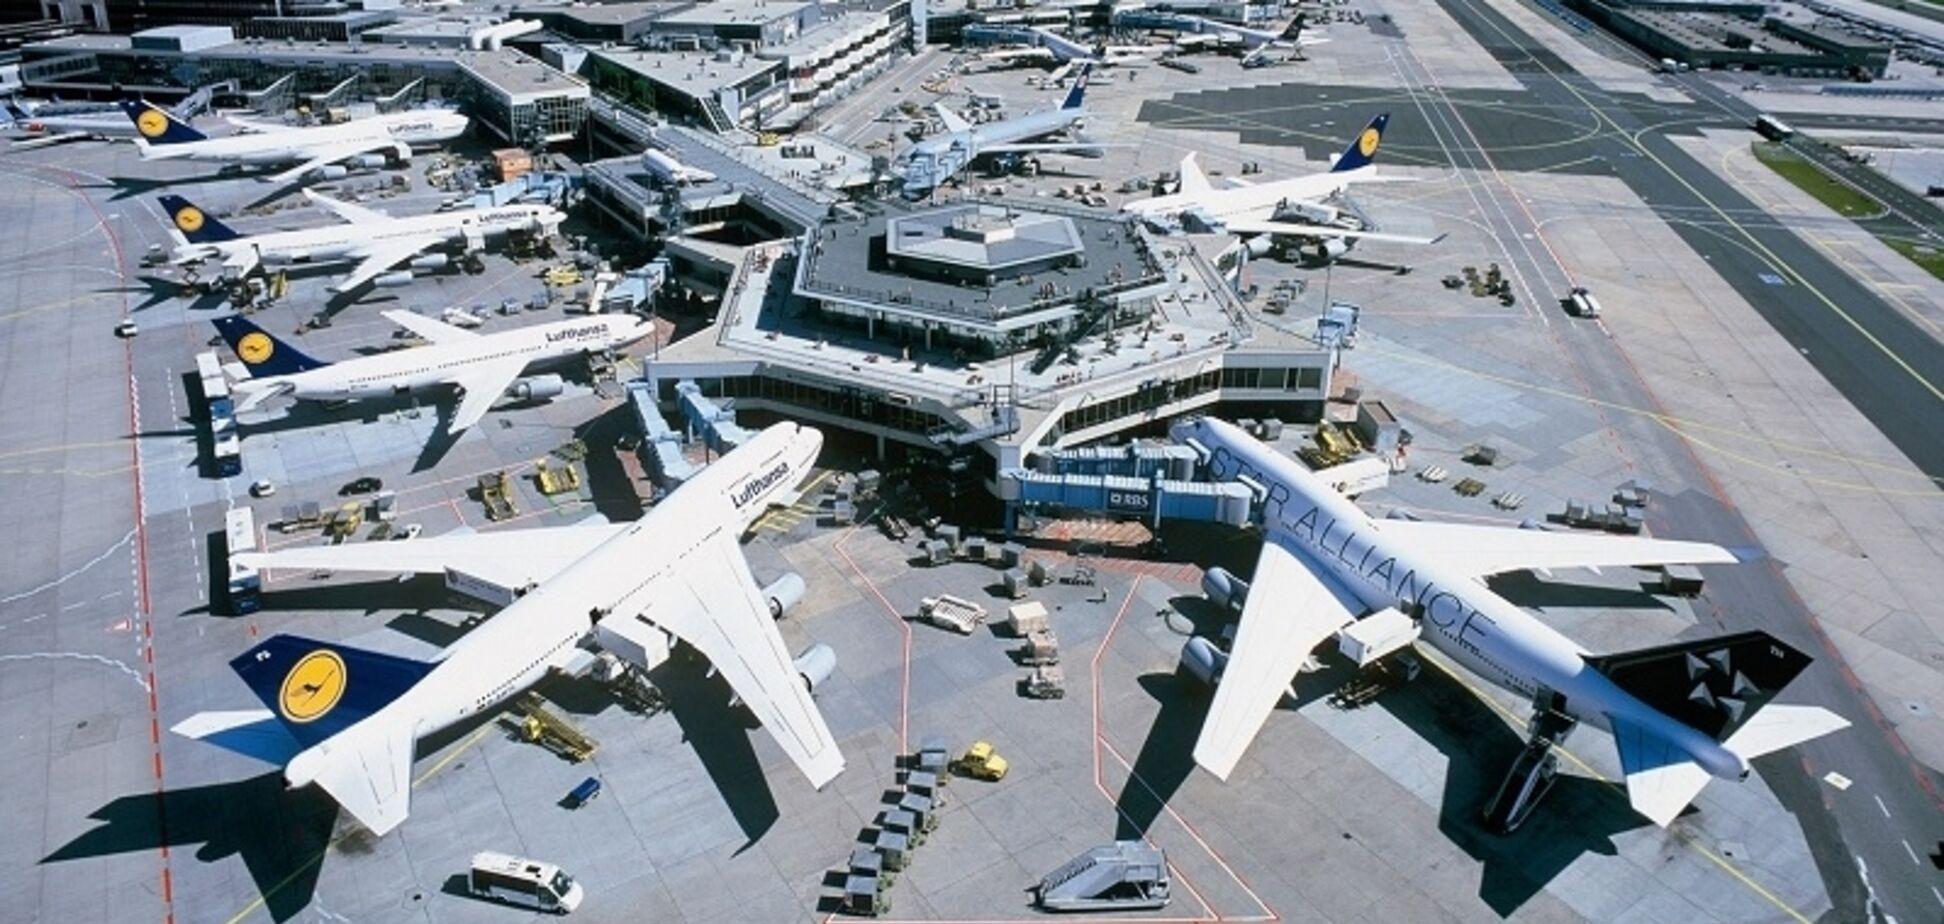 Аеропорт в Дніпрі: які зміни очікувати і коли почнеться будівництво